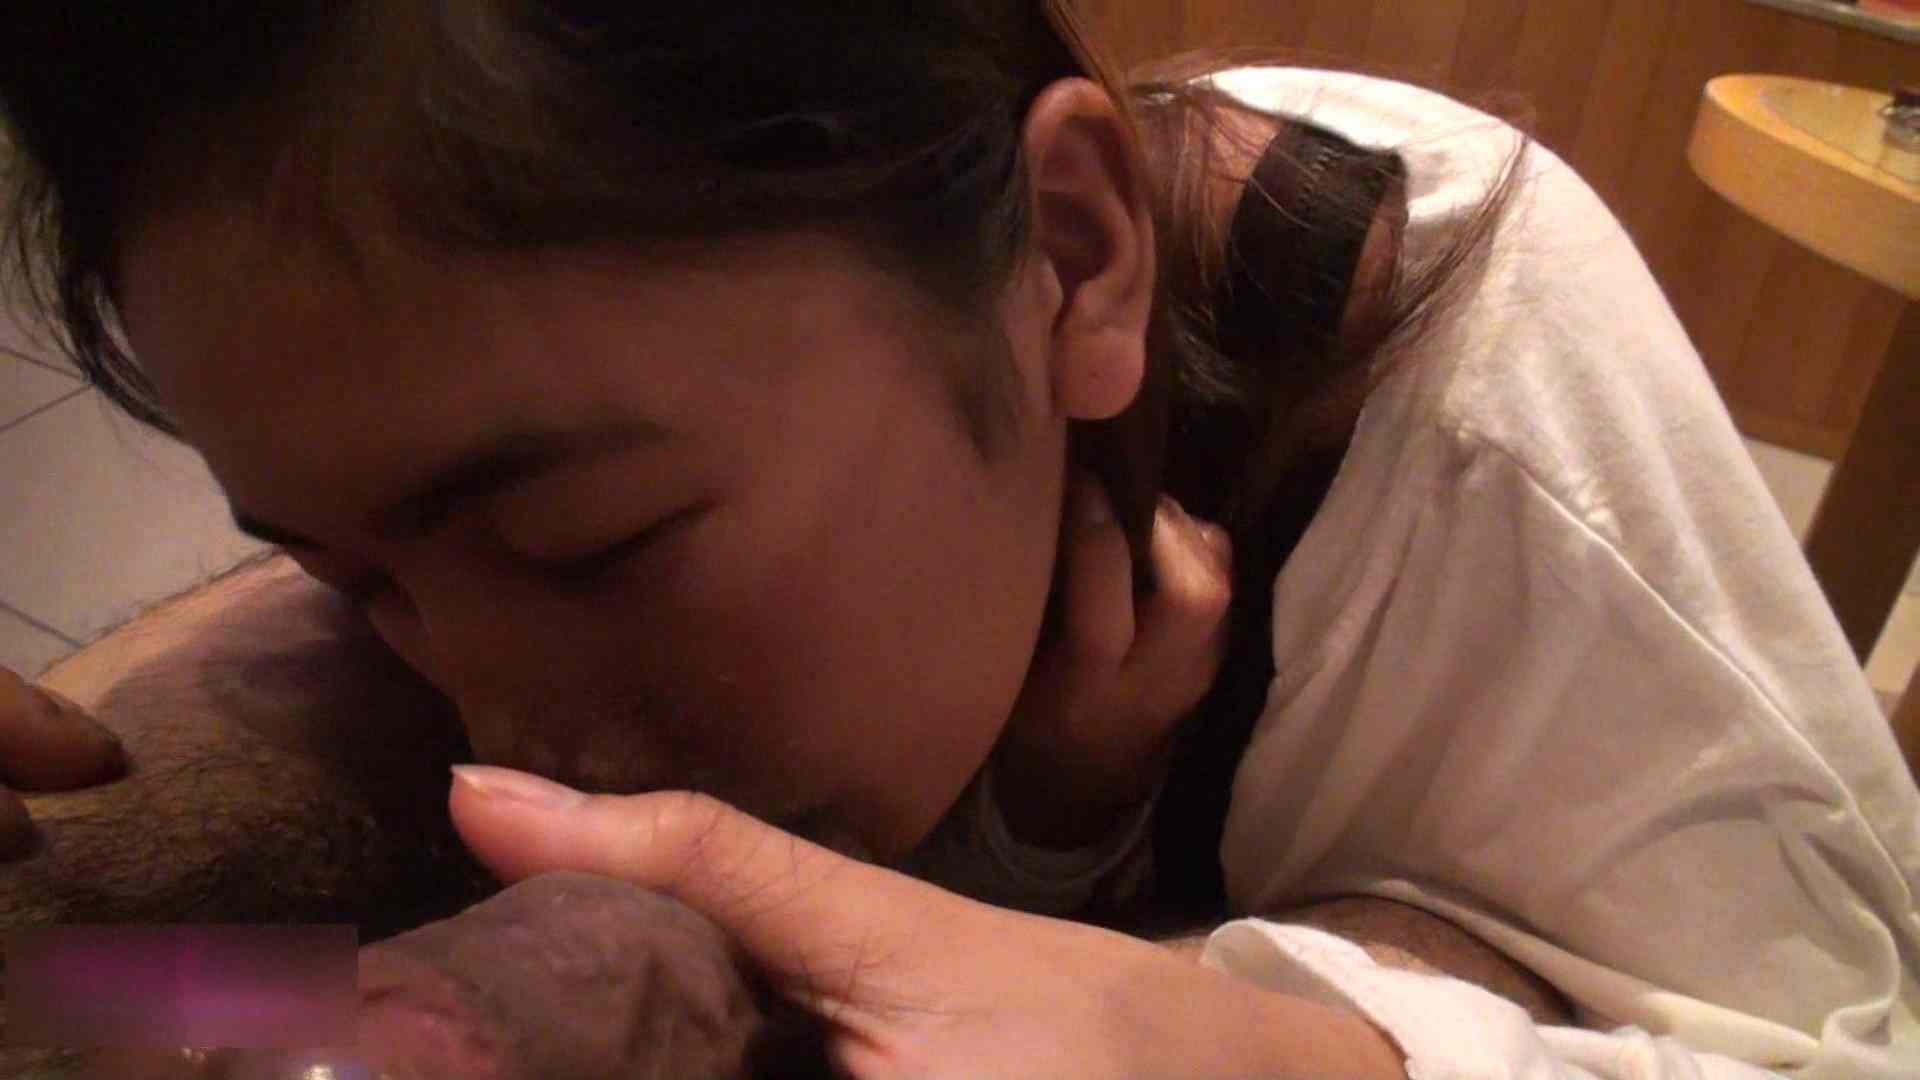 素人S級美女特選!小悪魔ギャル噂のビッチガールVol.56 前編 SEX   ギャル・コレクション  79連発 14